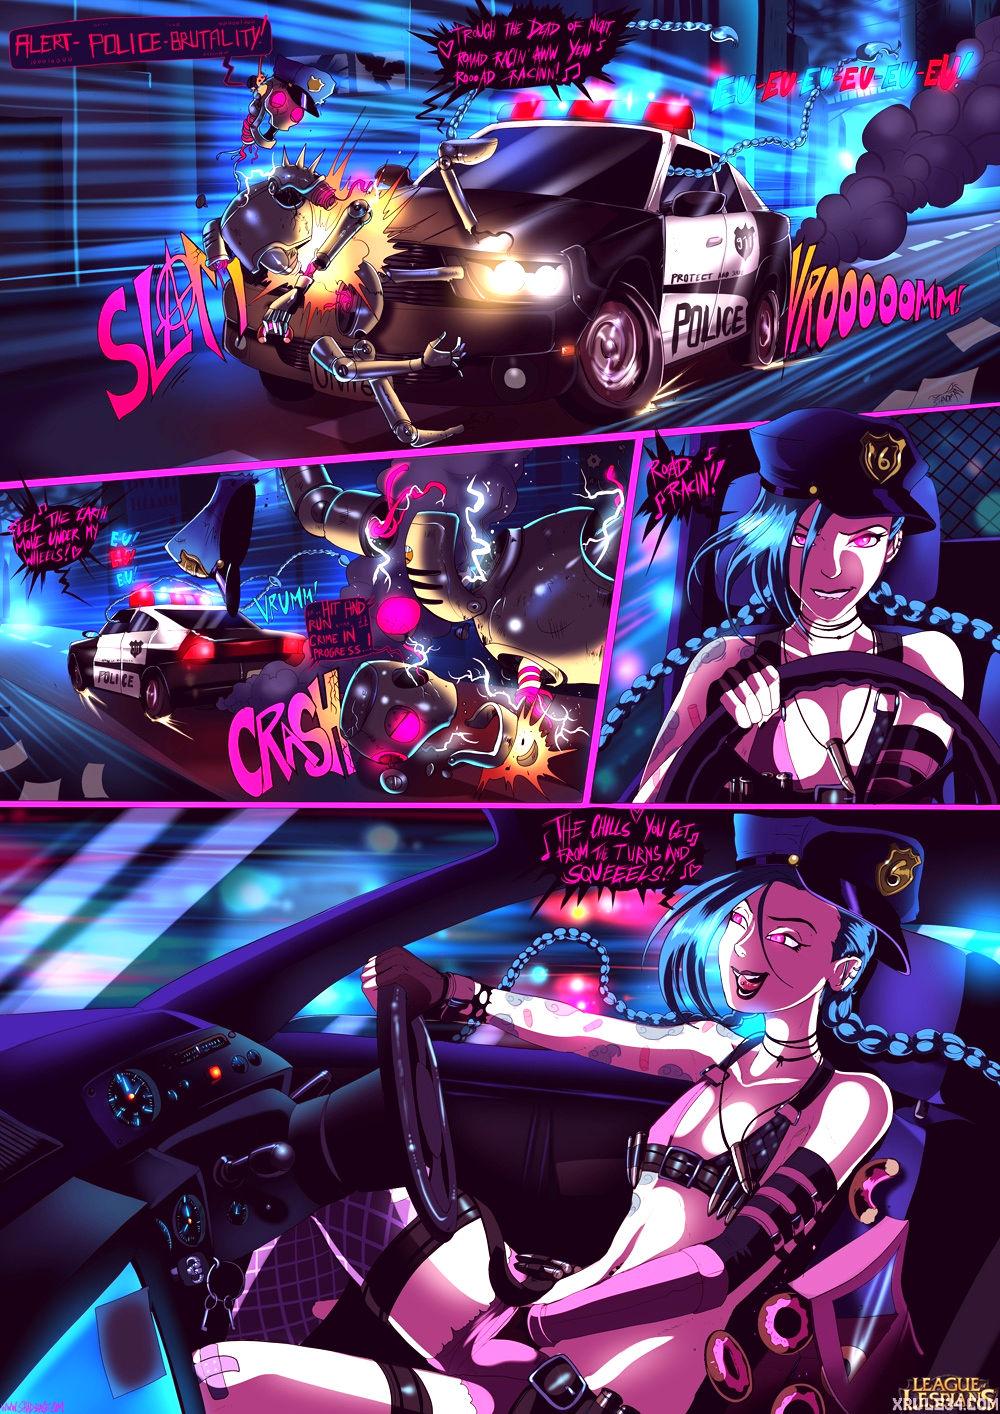 League of lesbians porn comic picture 10